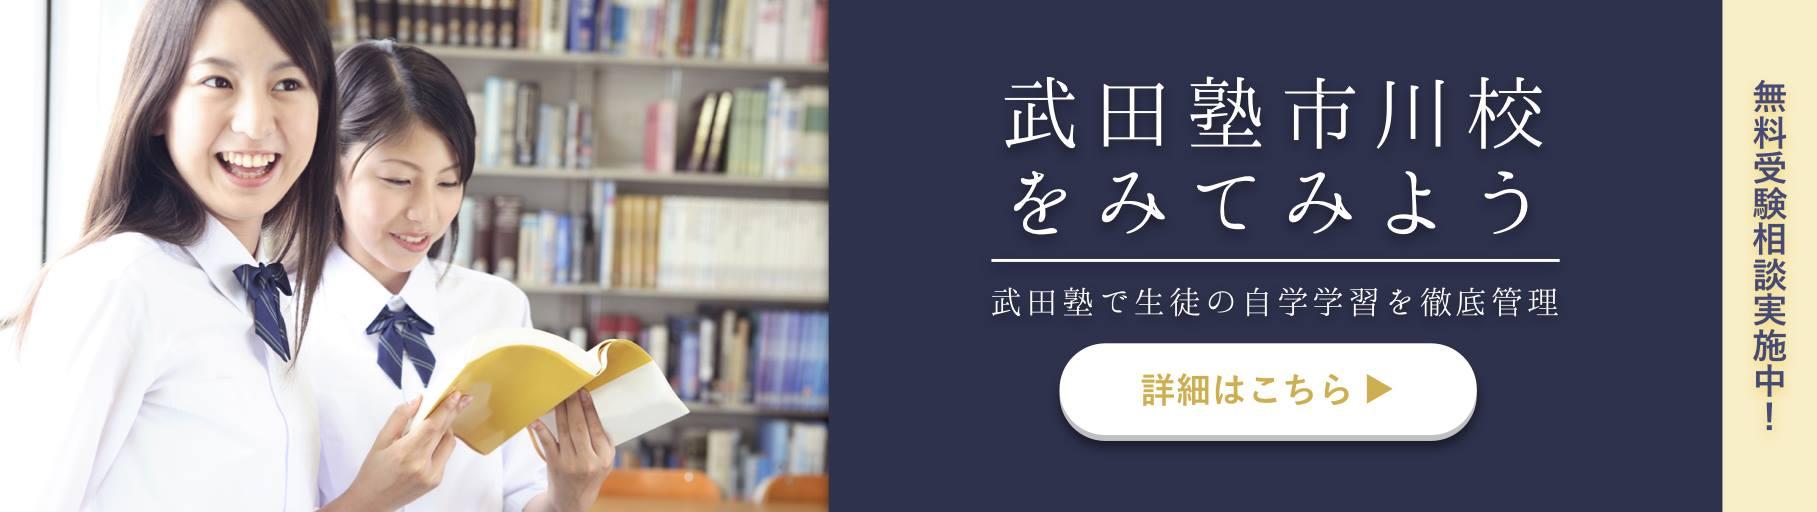 武田塾市川校オフィシャルサイト